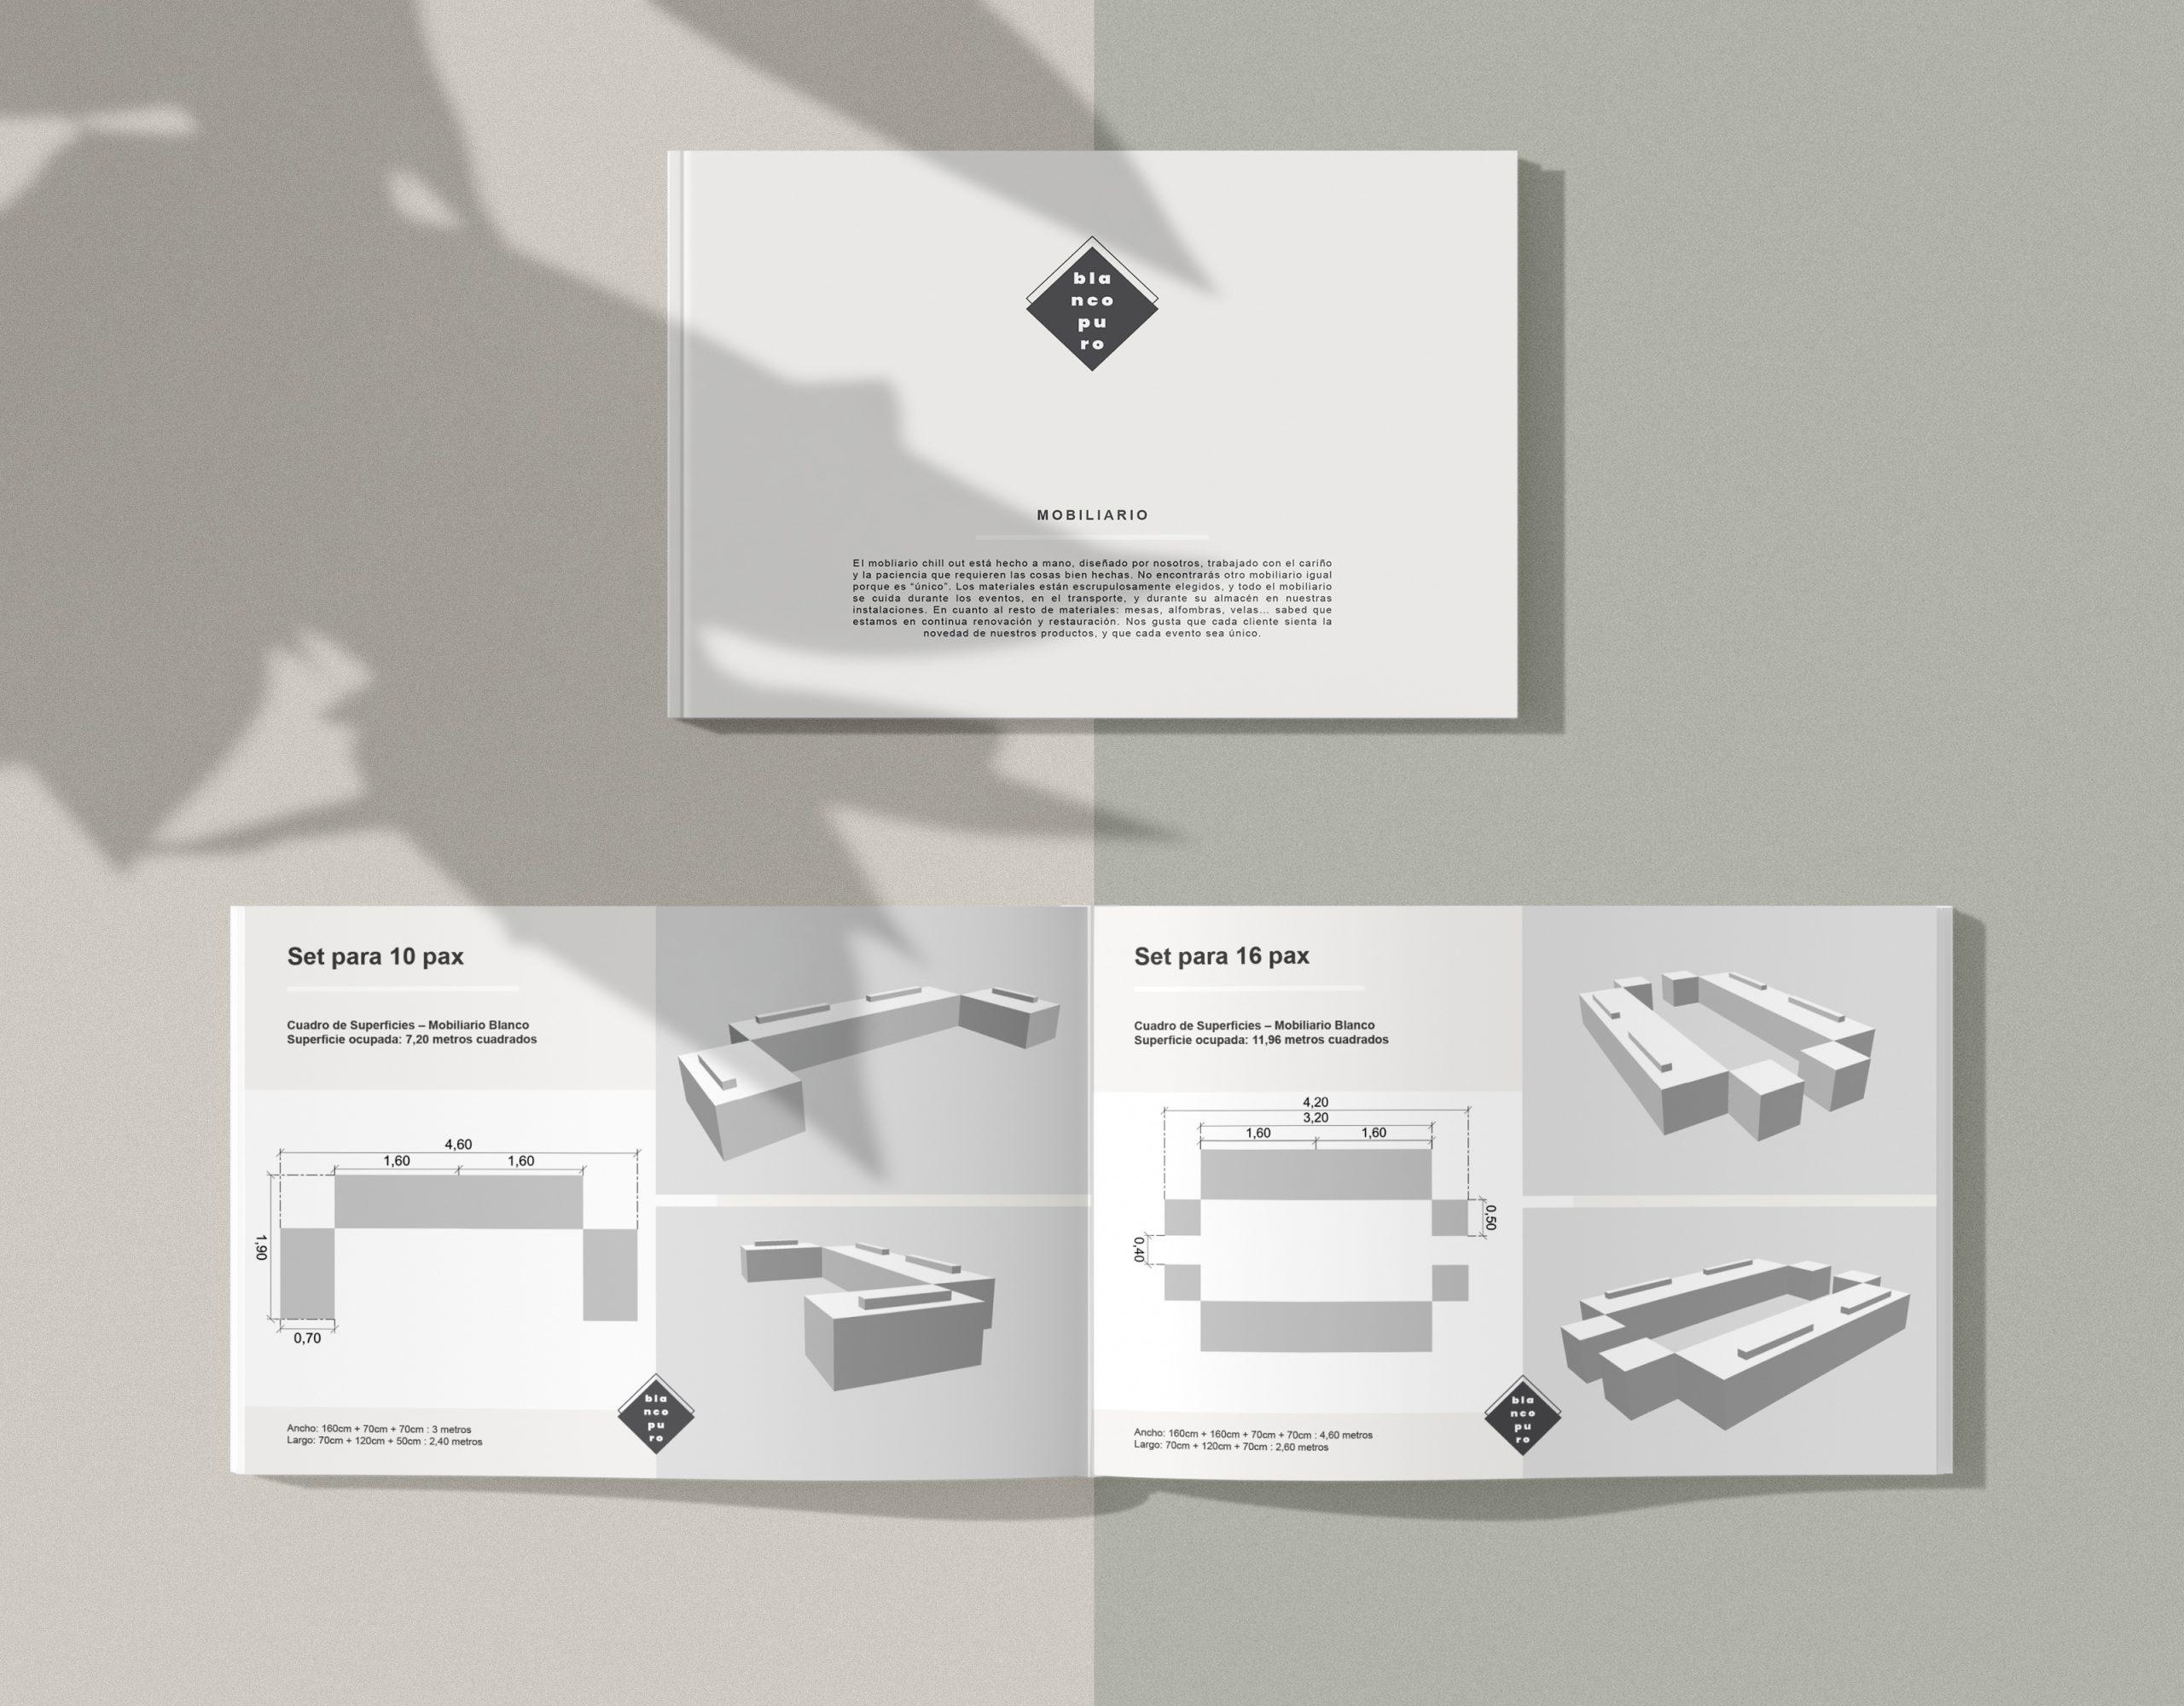 Diseño catálogo productos empresa, Blancopuro, by DSMK